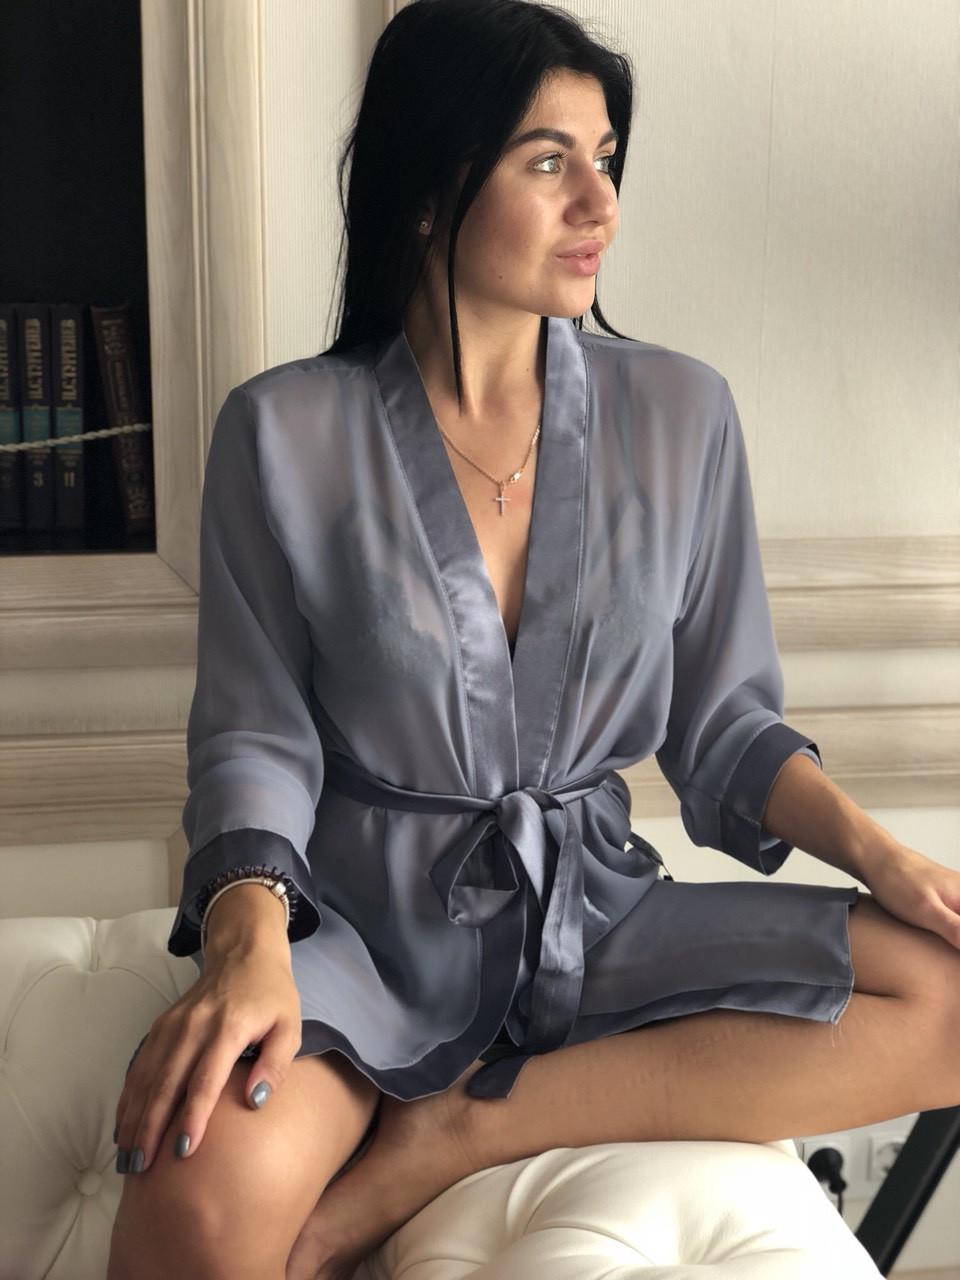 Соблазнительный шифоновый халатик стального цвета, женская одежда для дома ТМ Exclusive.